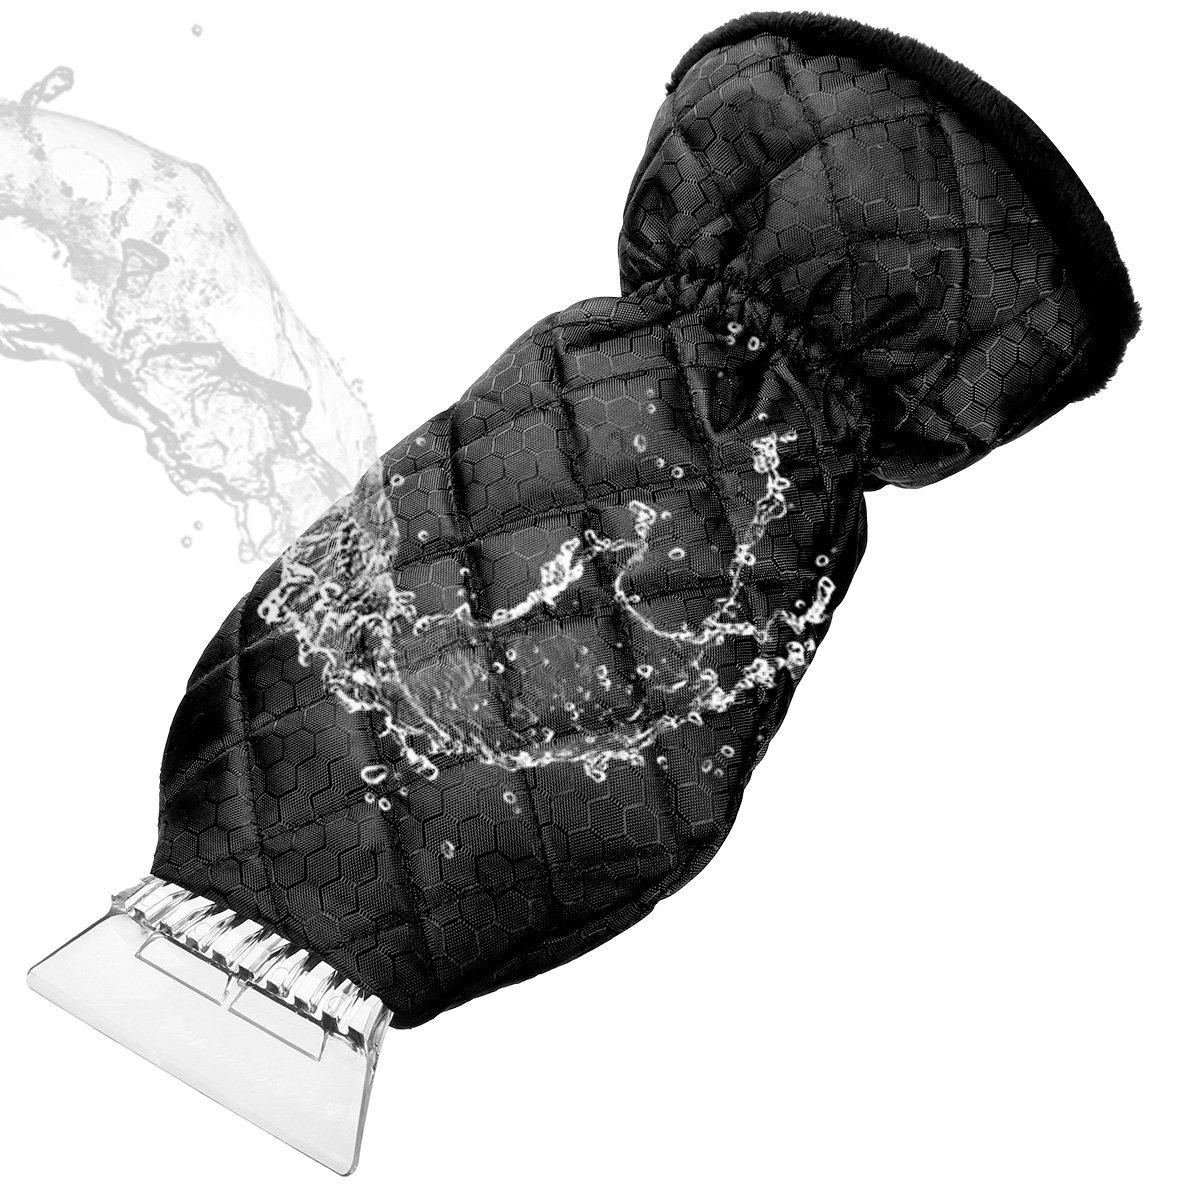 MATCC Grattoir à Glace avec Gant doublure chauffante Pare-brise Neige Grattoir Elastique Enserré Raclette Pare Brise